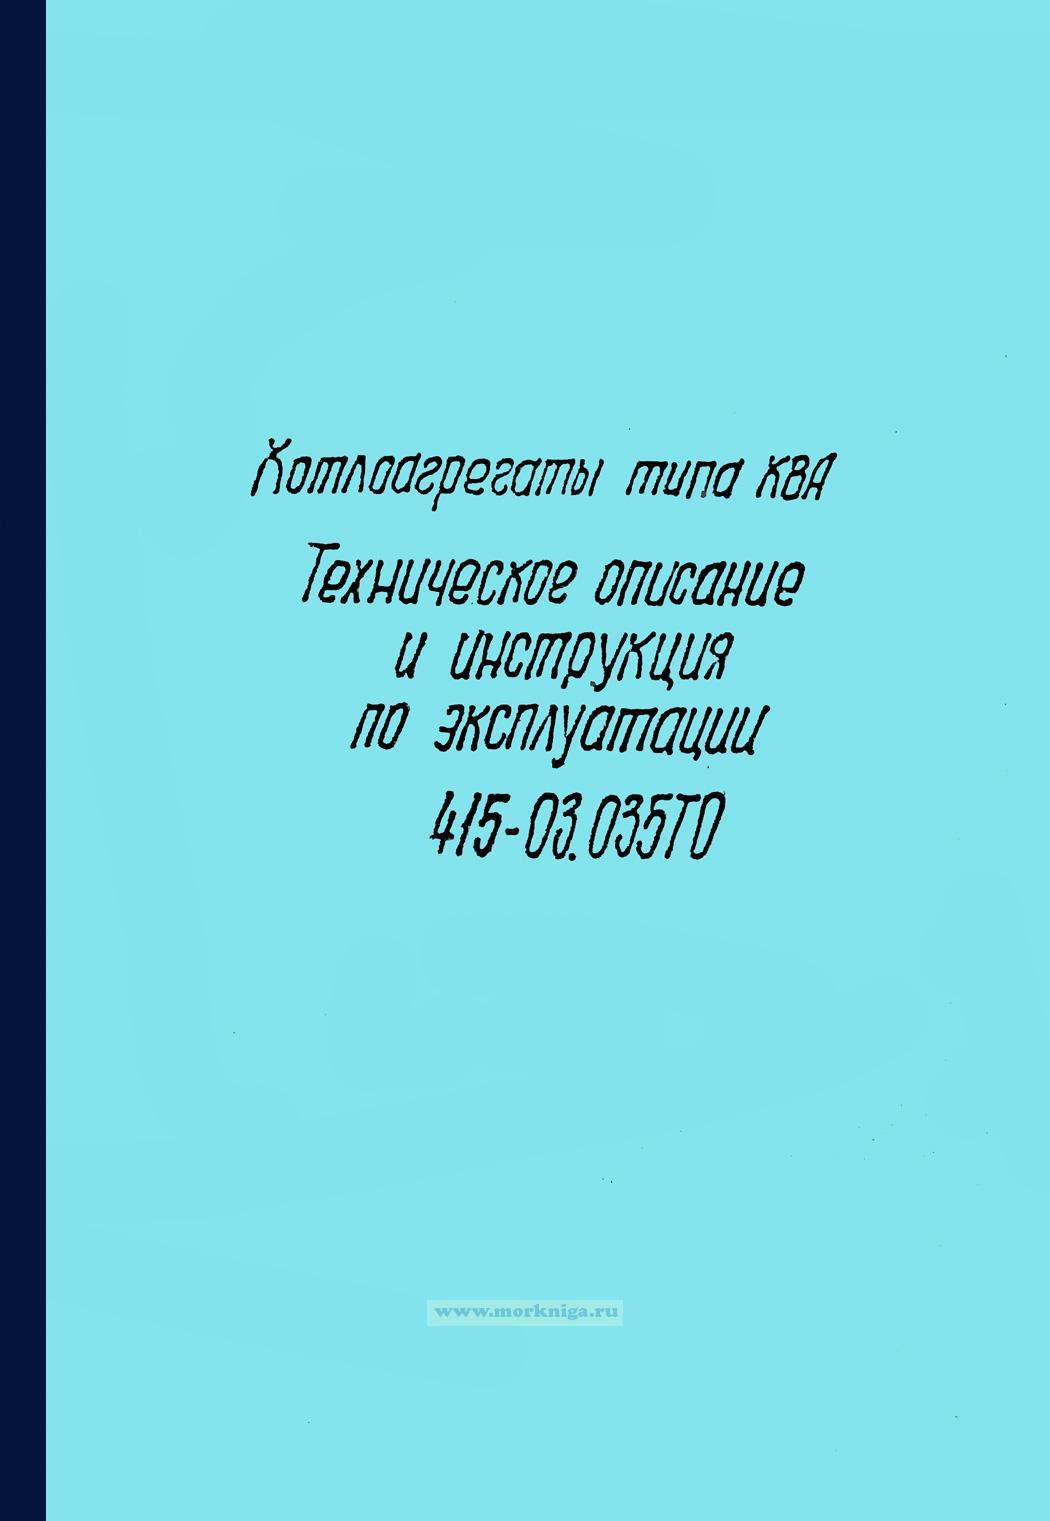 Котлоагрегаты типа КВА. Техническое описание и инструкция по эксплуатации. 415-03.035ТО